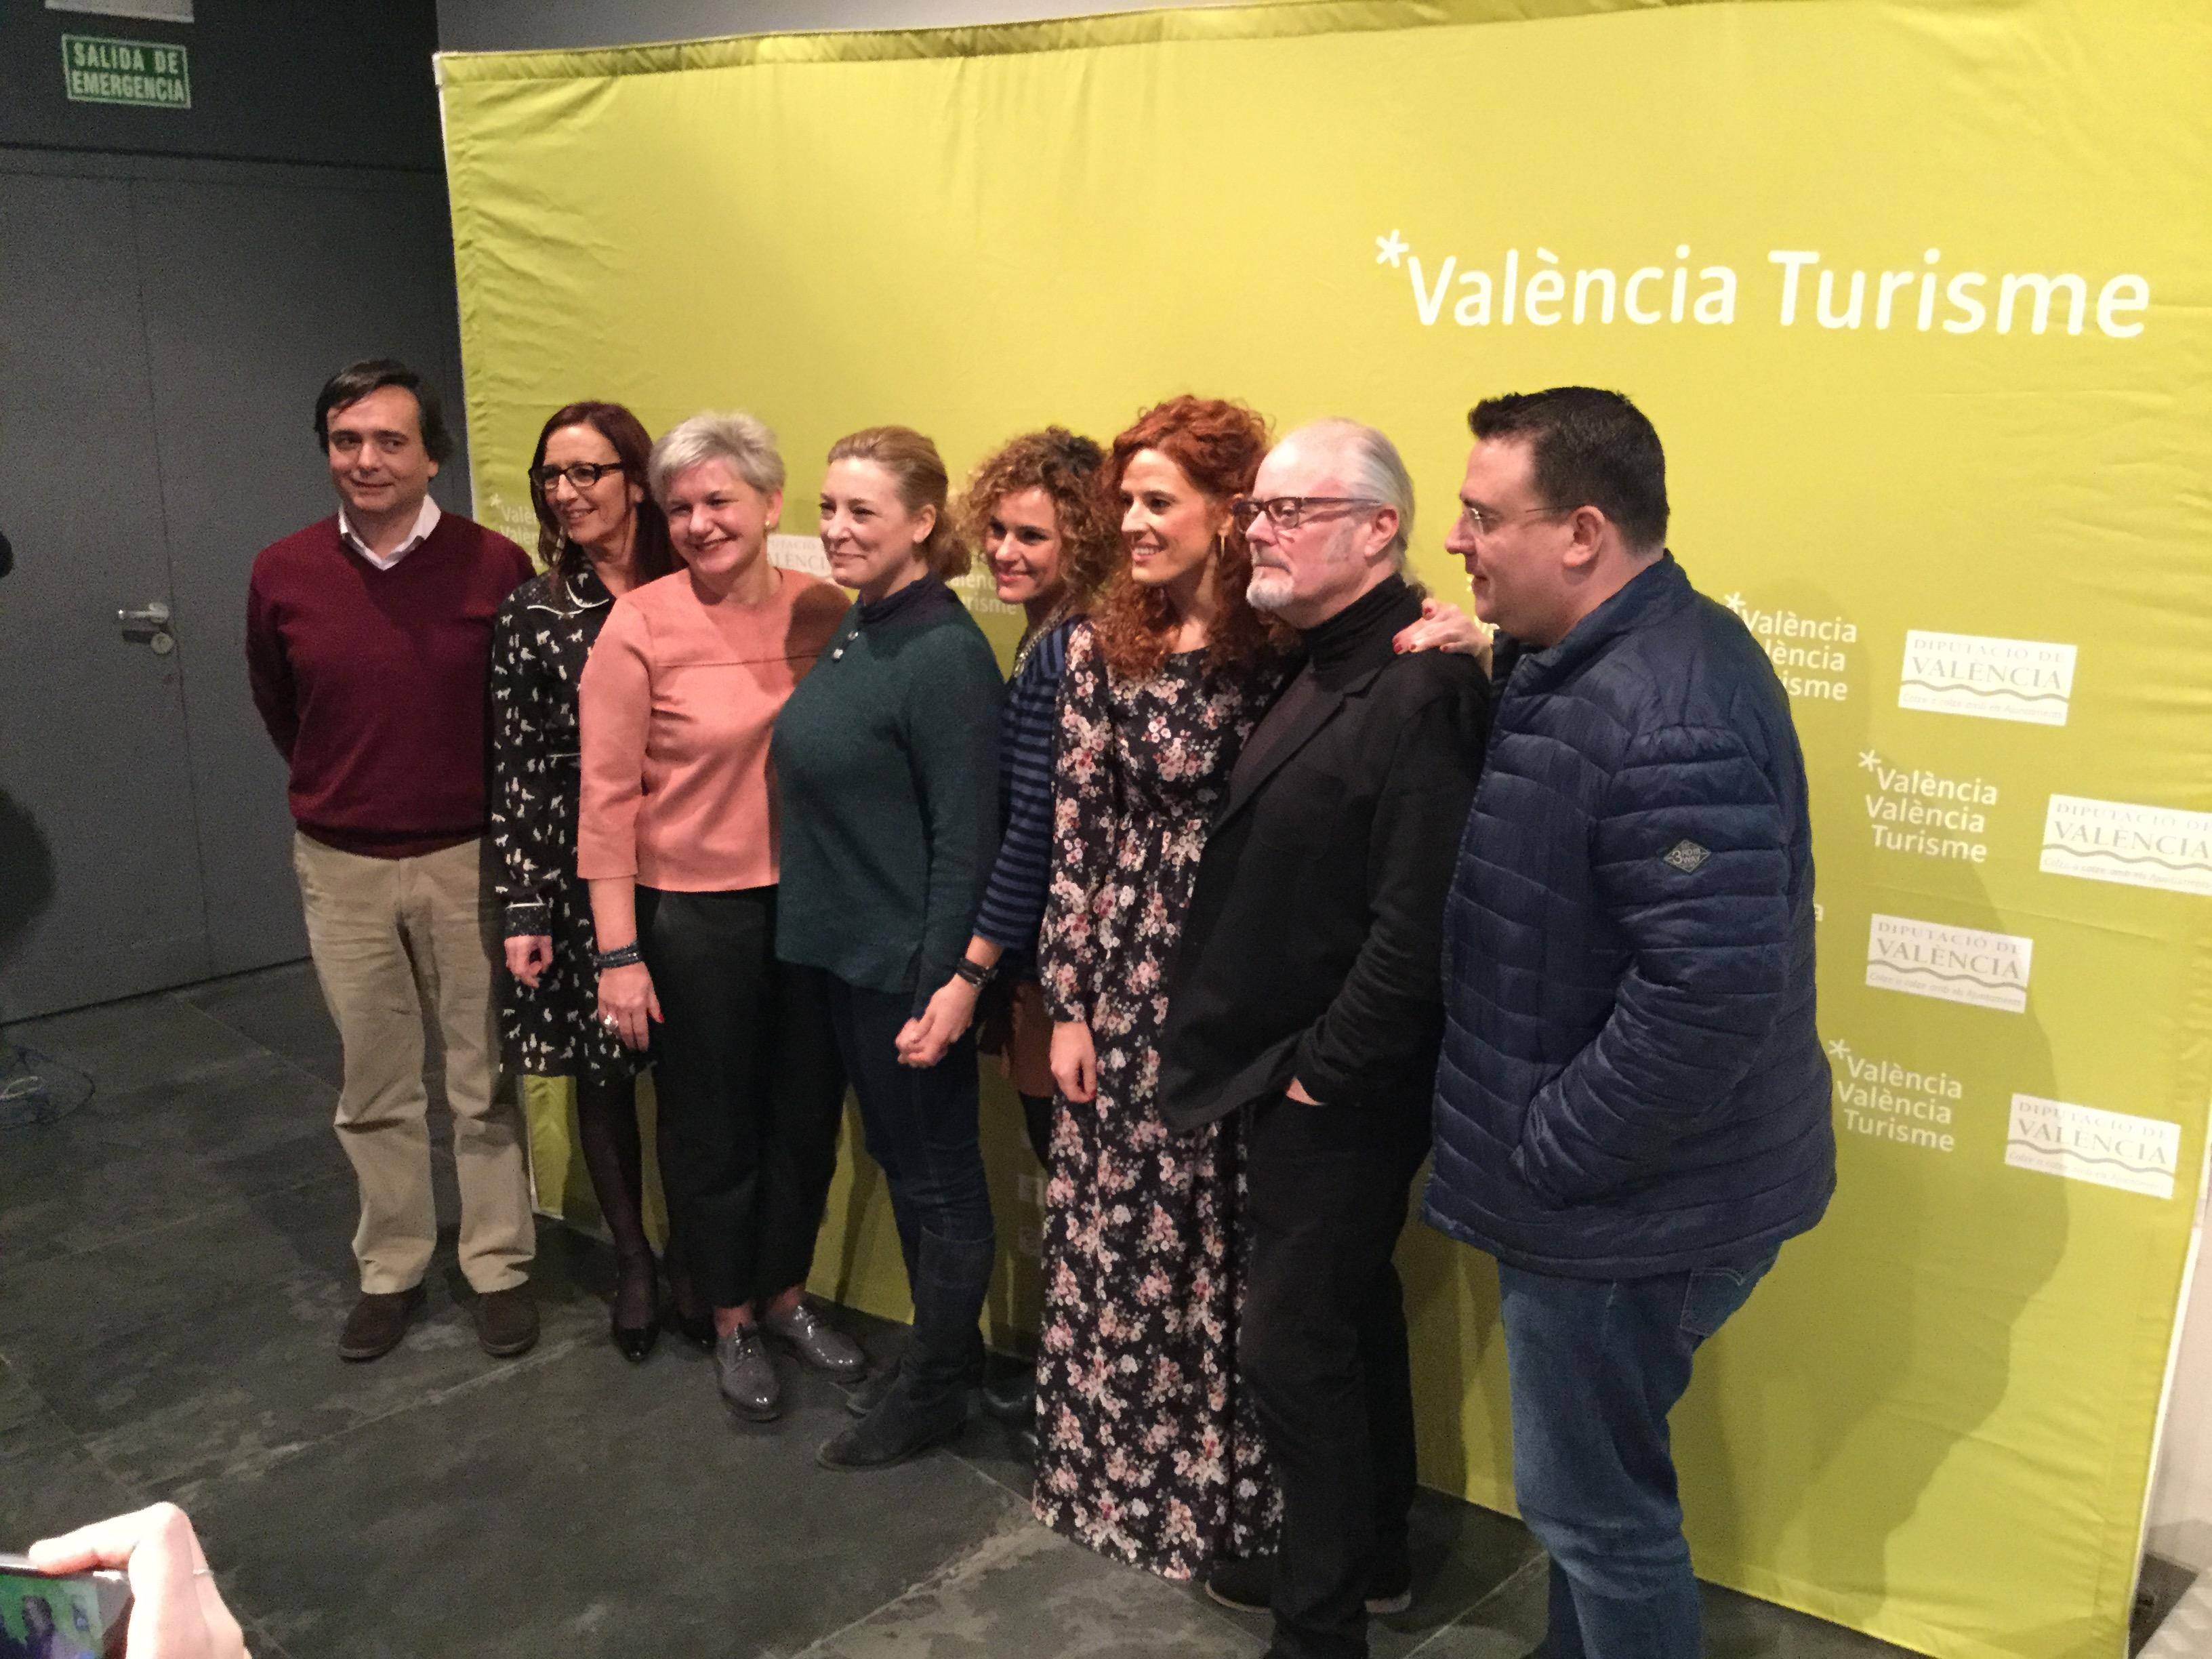 La diputada provincial Pilar Moncho con la vicepresidenta Maria Josep Amigó, los actores y los diputados asistentes a la presentación.